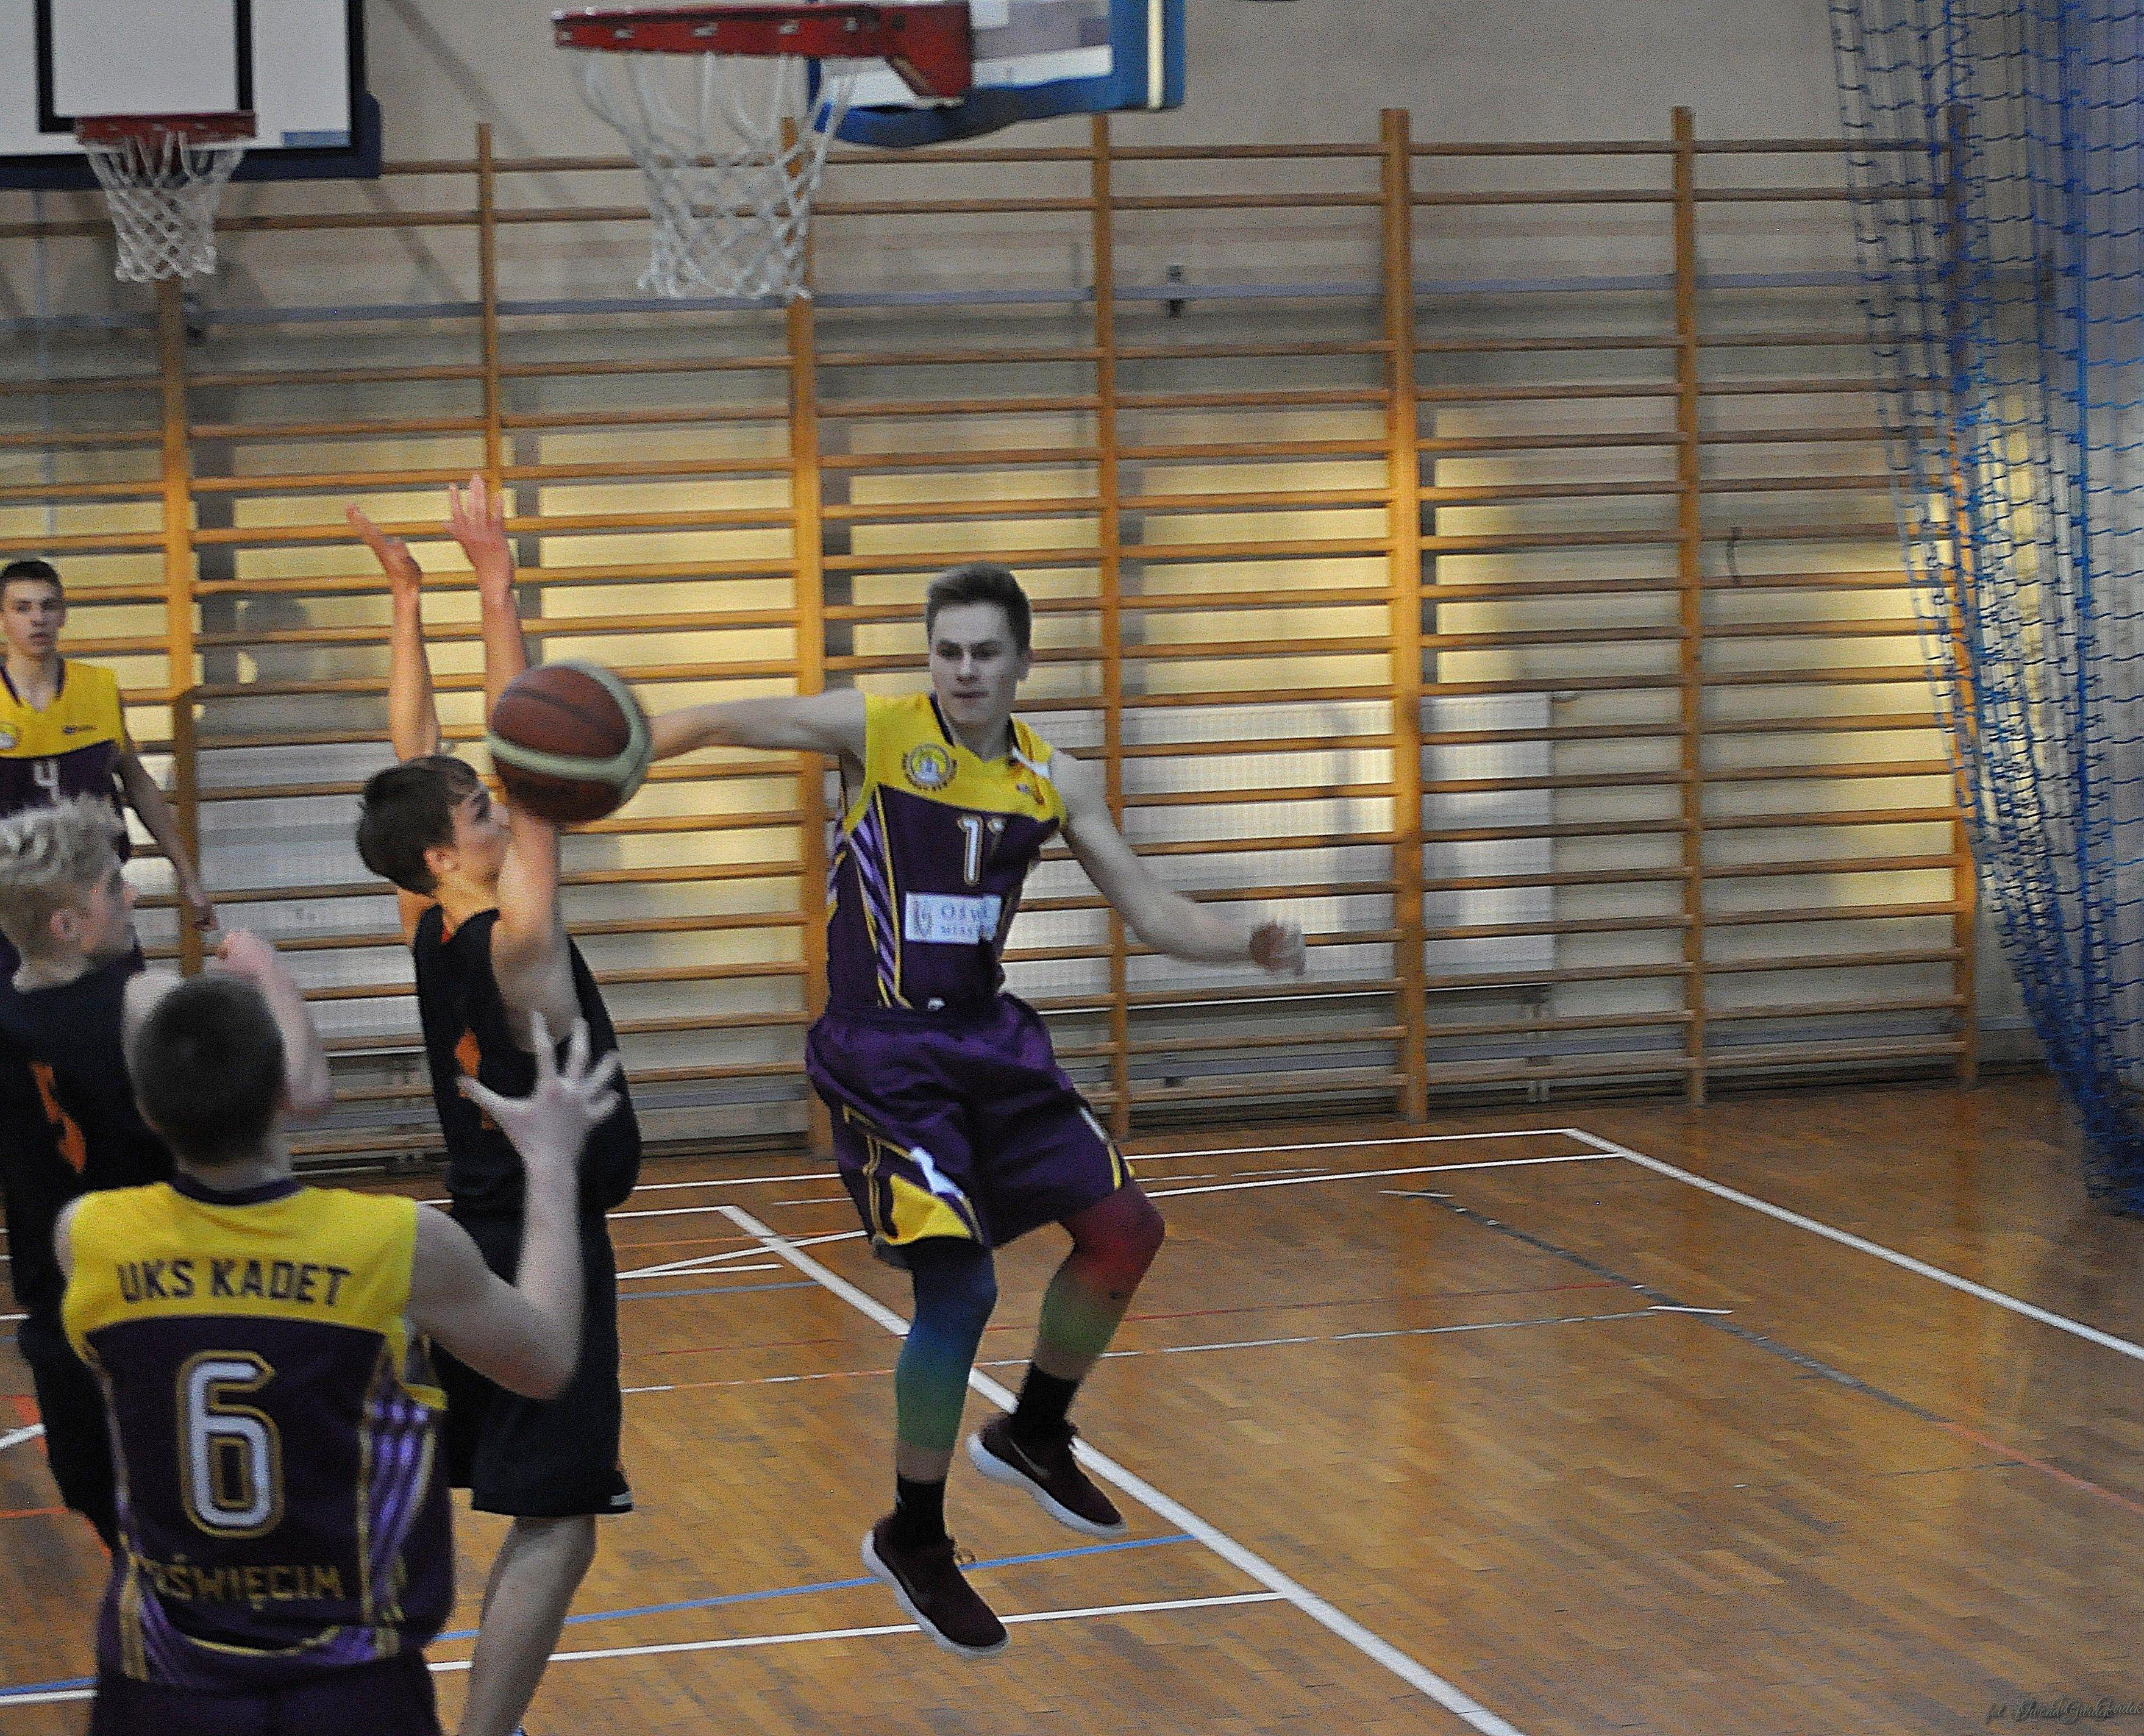 Już w najbliższą niedzielę rozpoczynają się koszykarskie rozgrywki kadetów w sezonie 2018/19. Fot. Iwona Gurdek